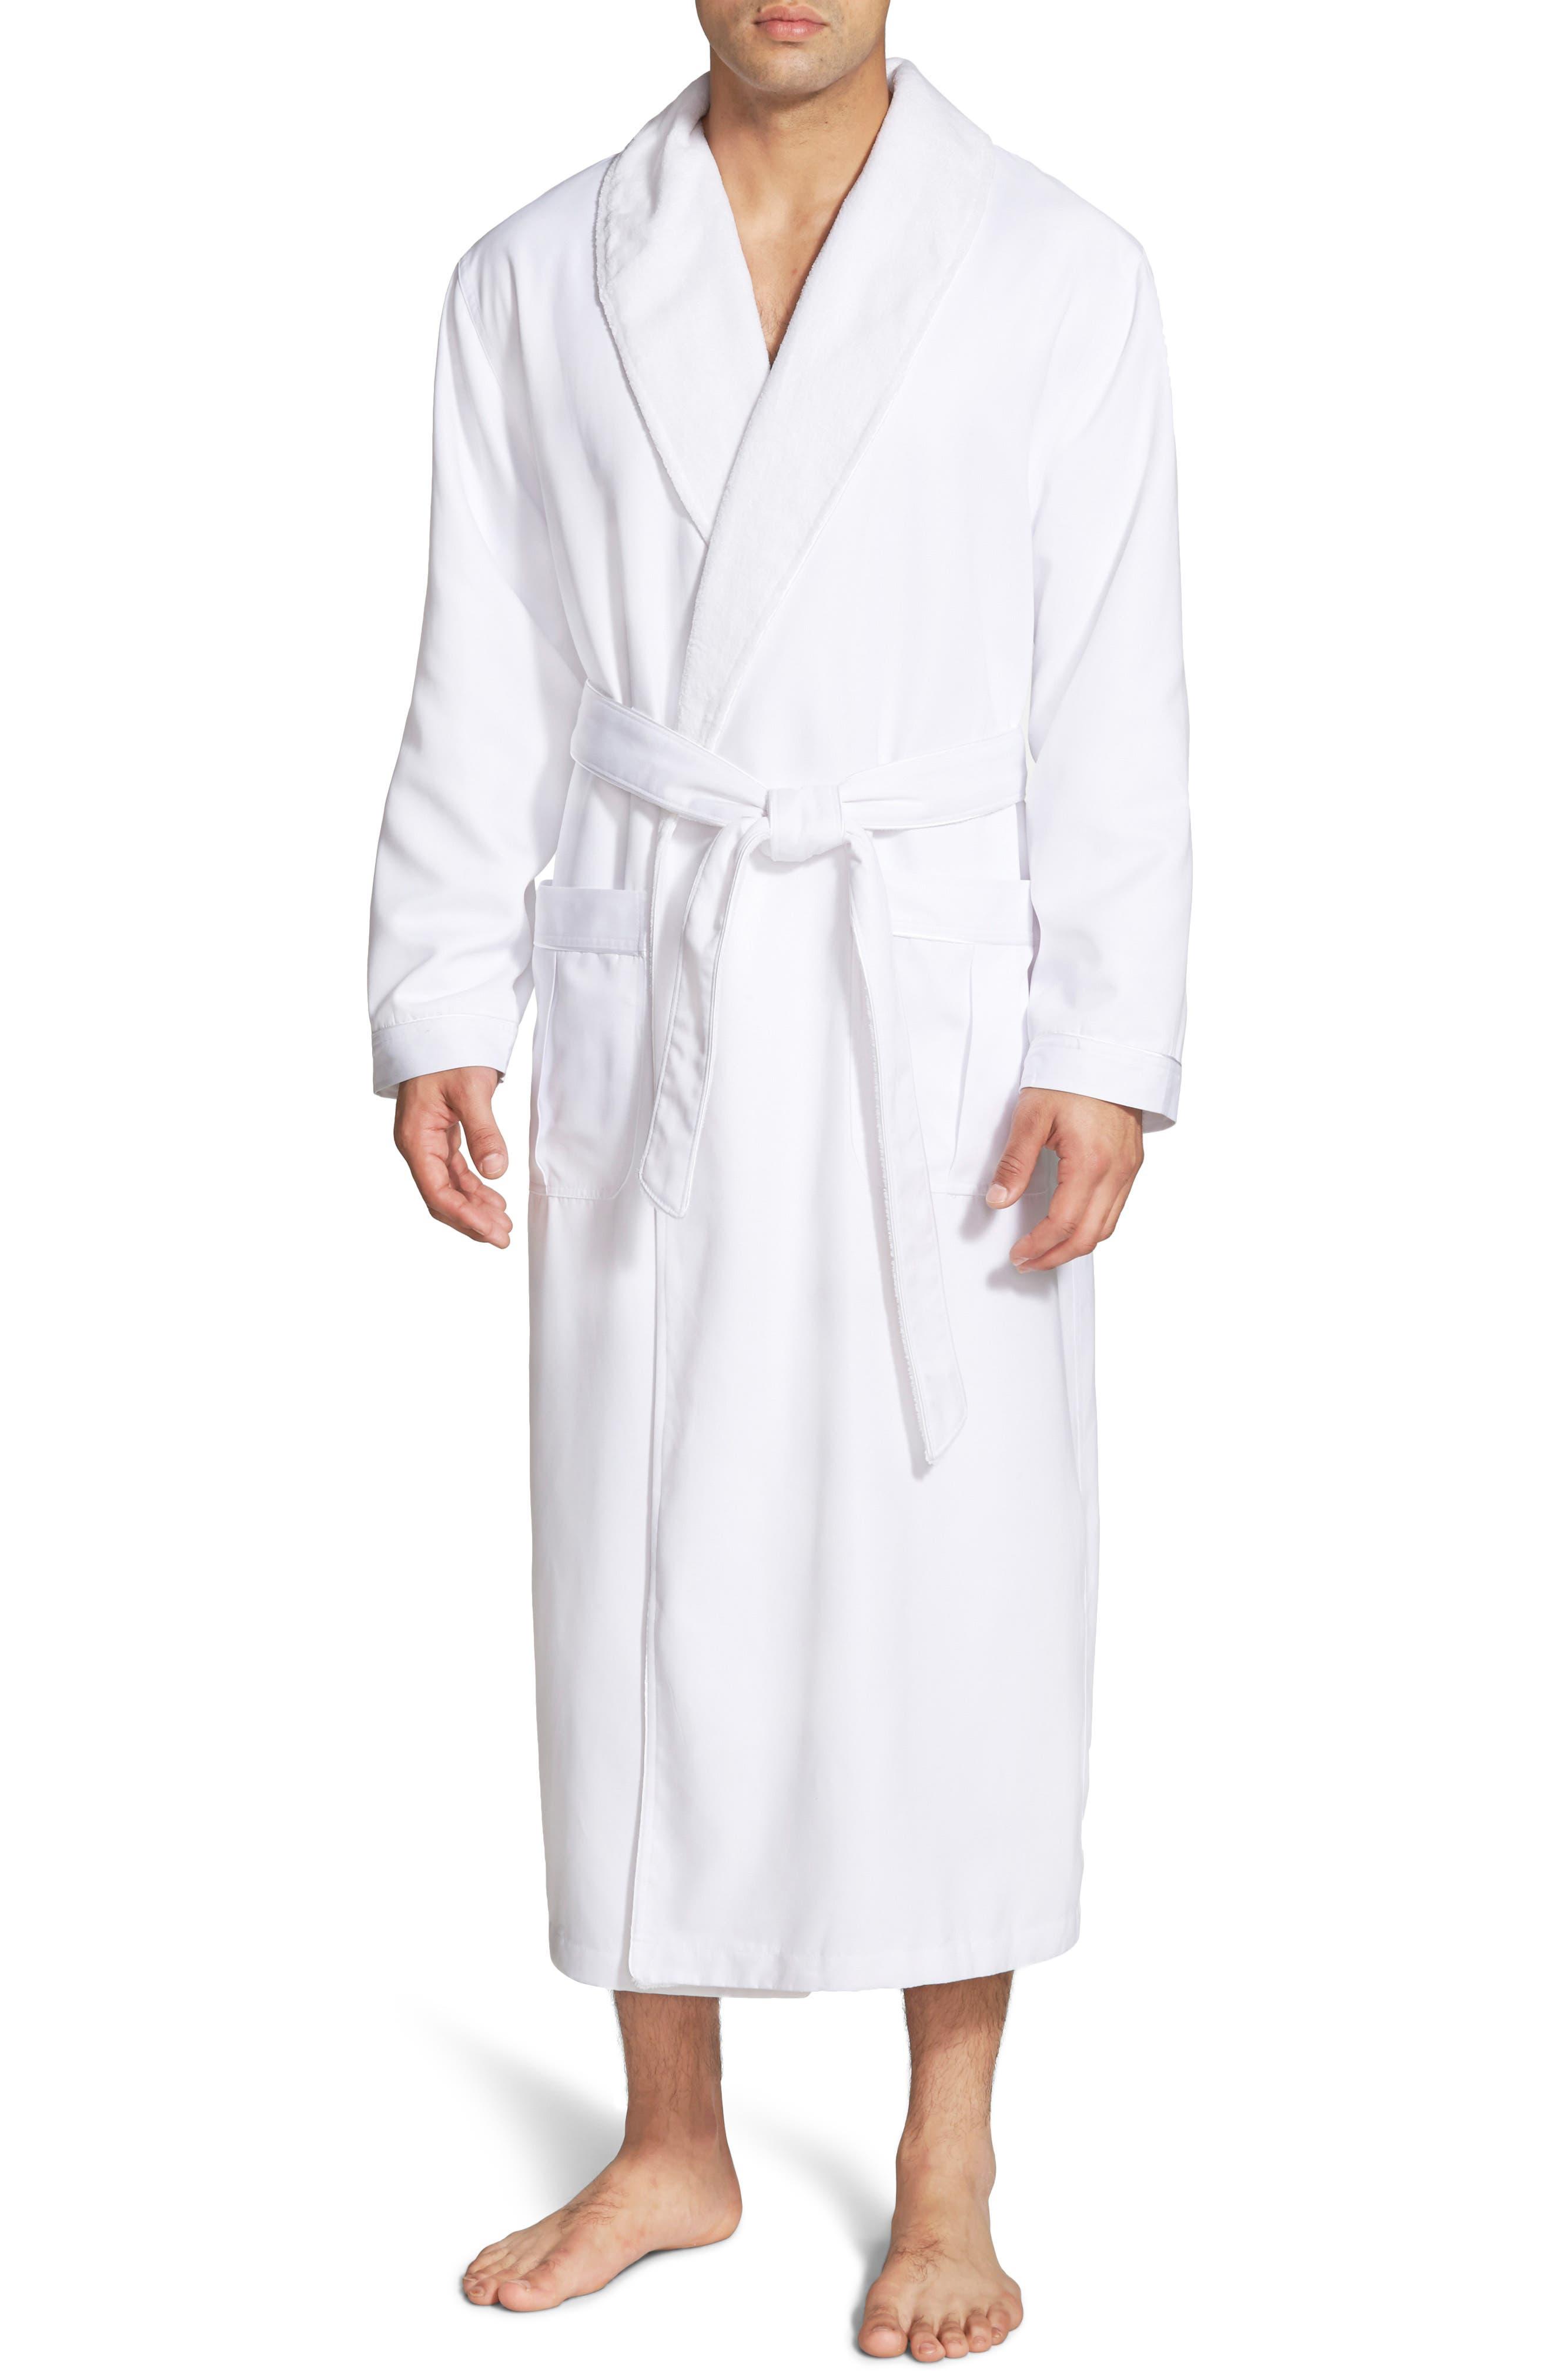 Fleece Lined Robe